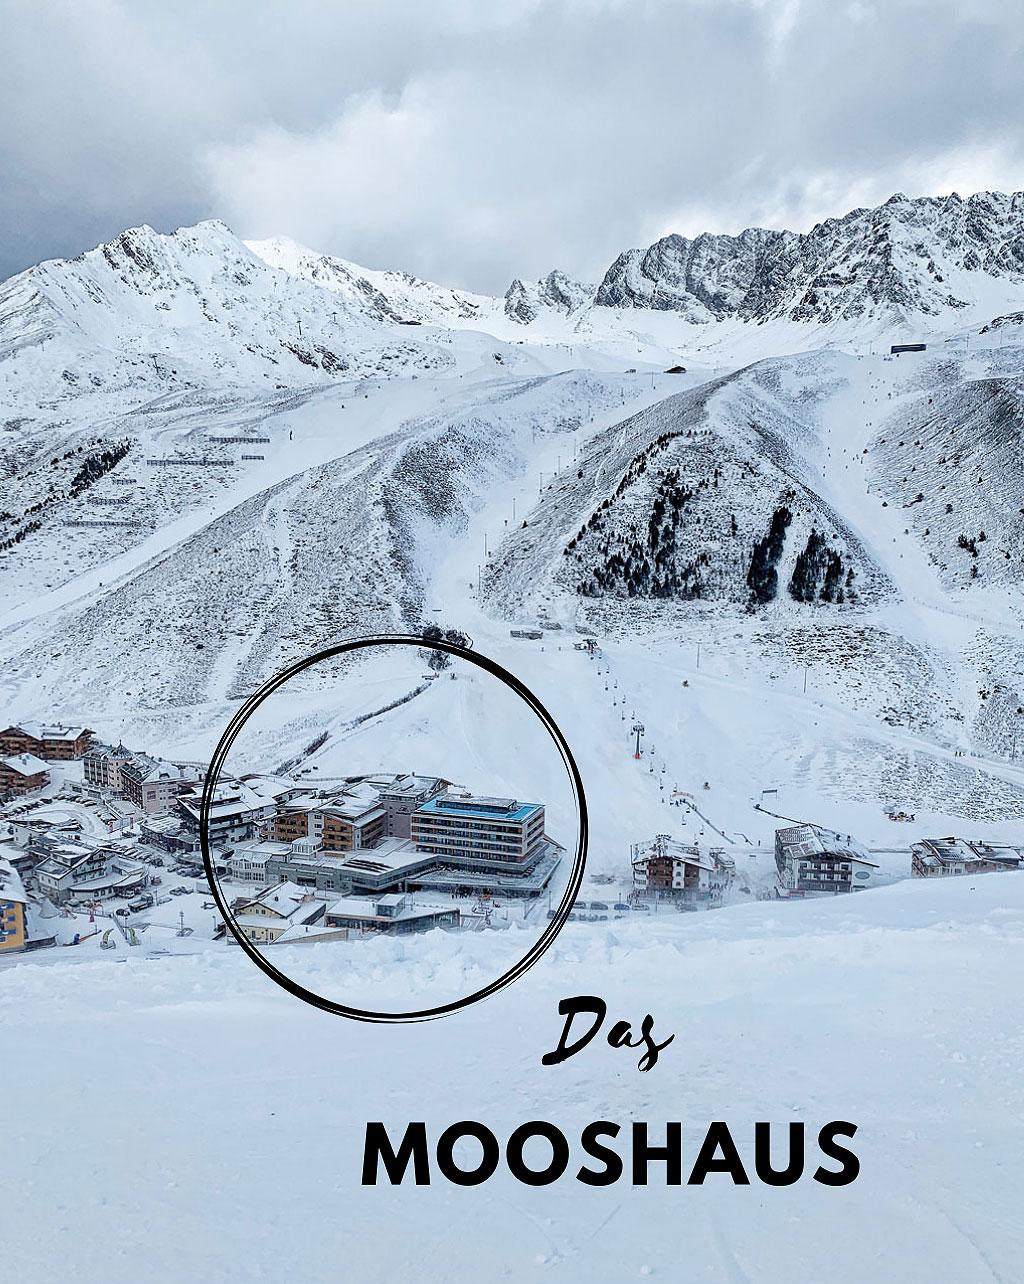 Das Mooshaus Kühtai